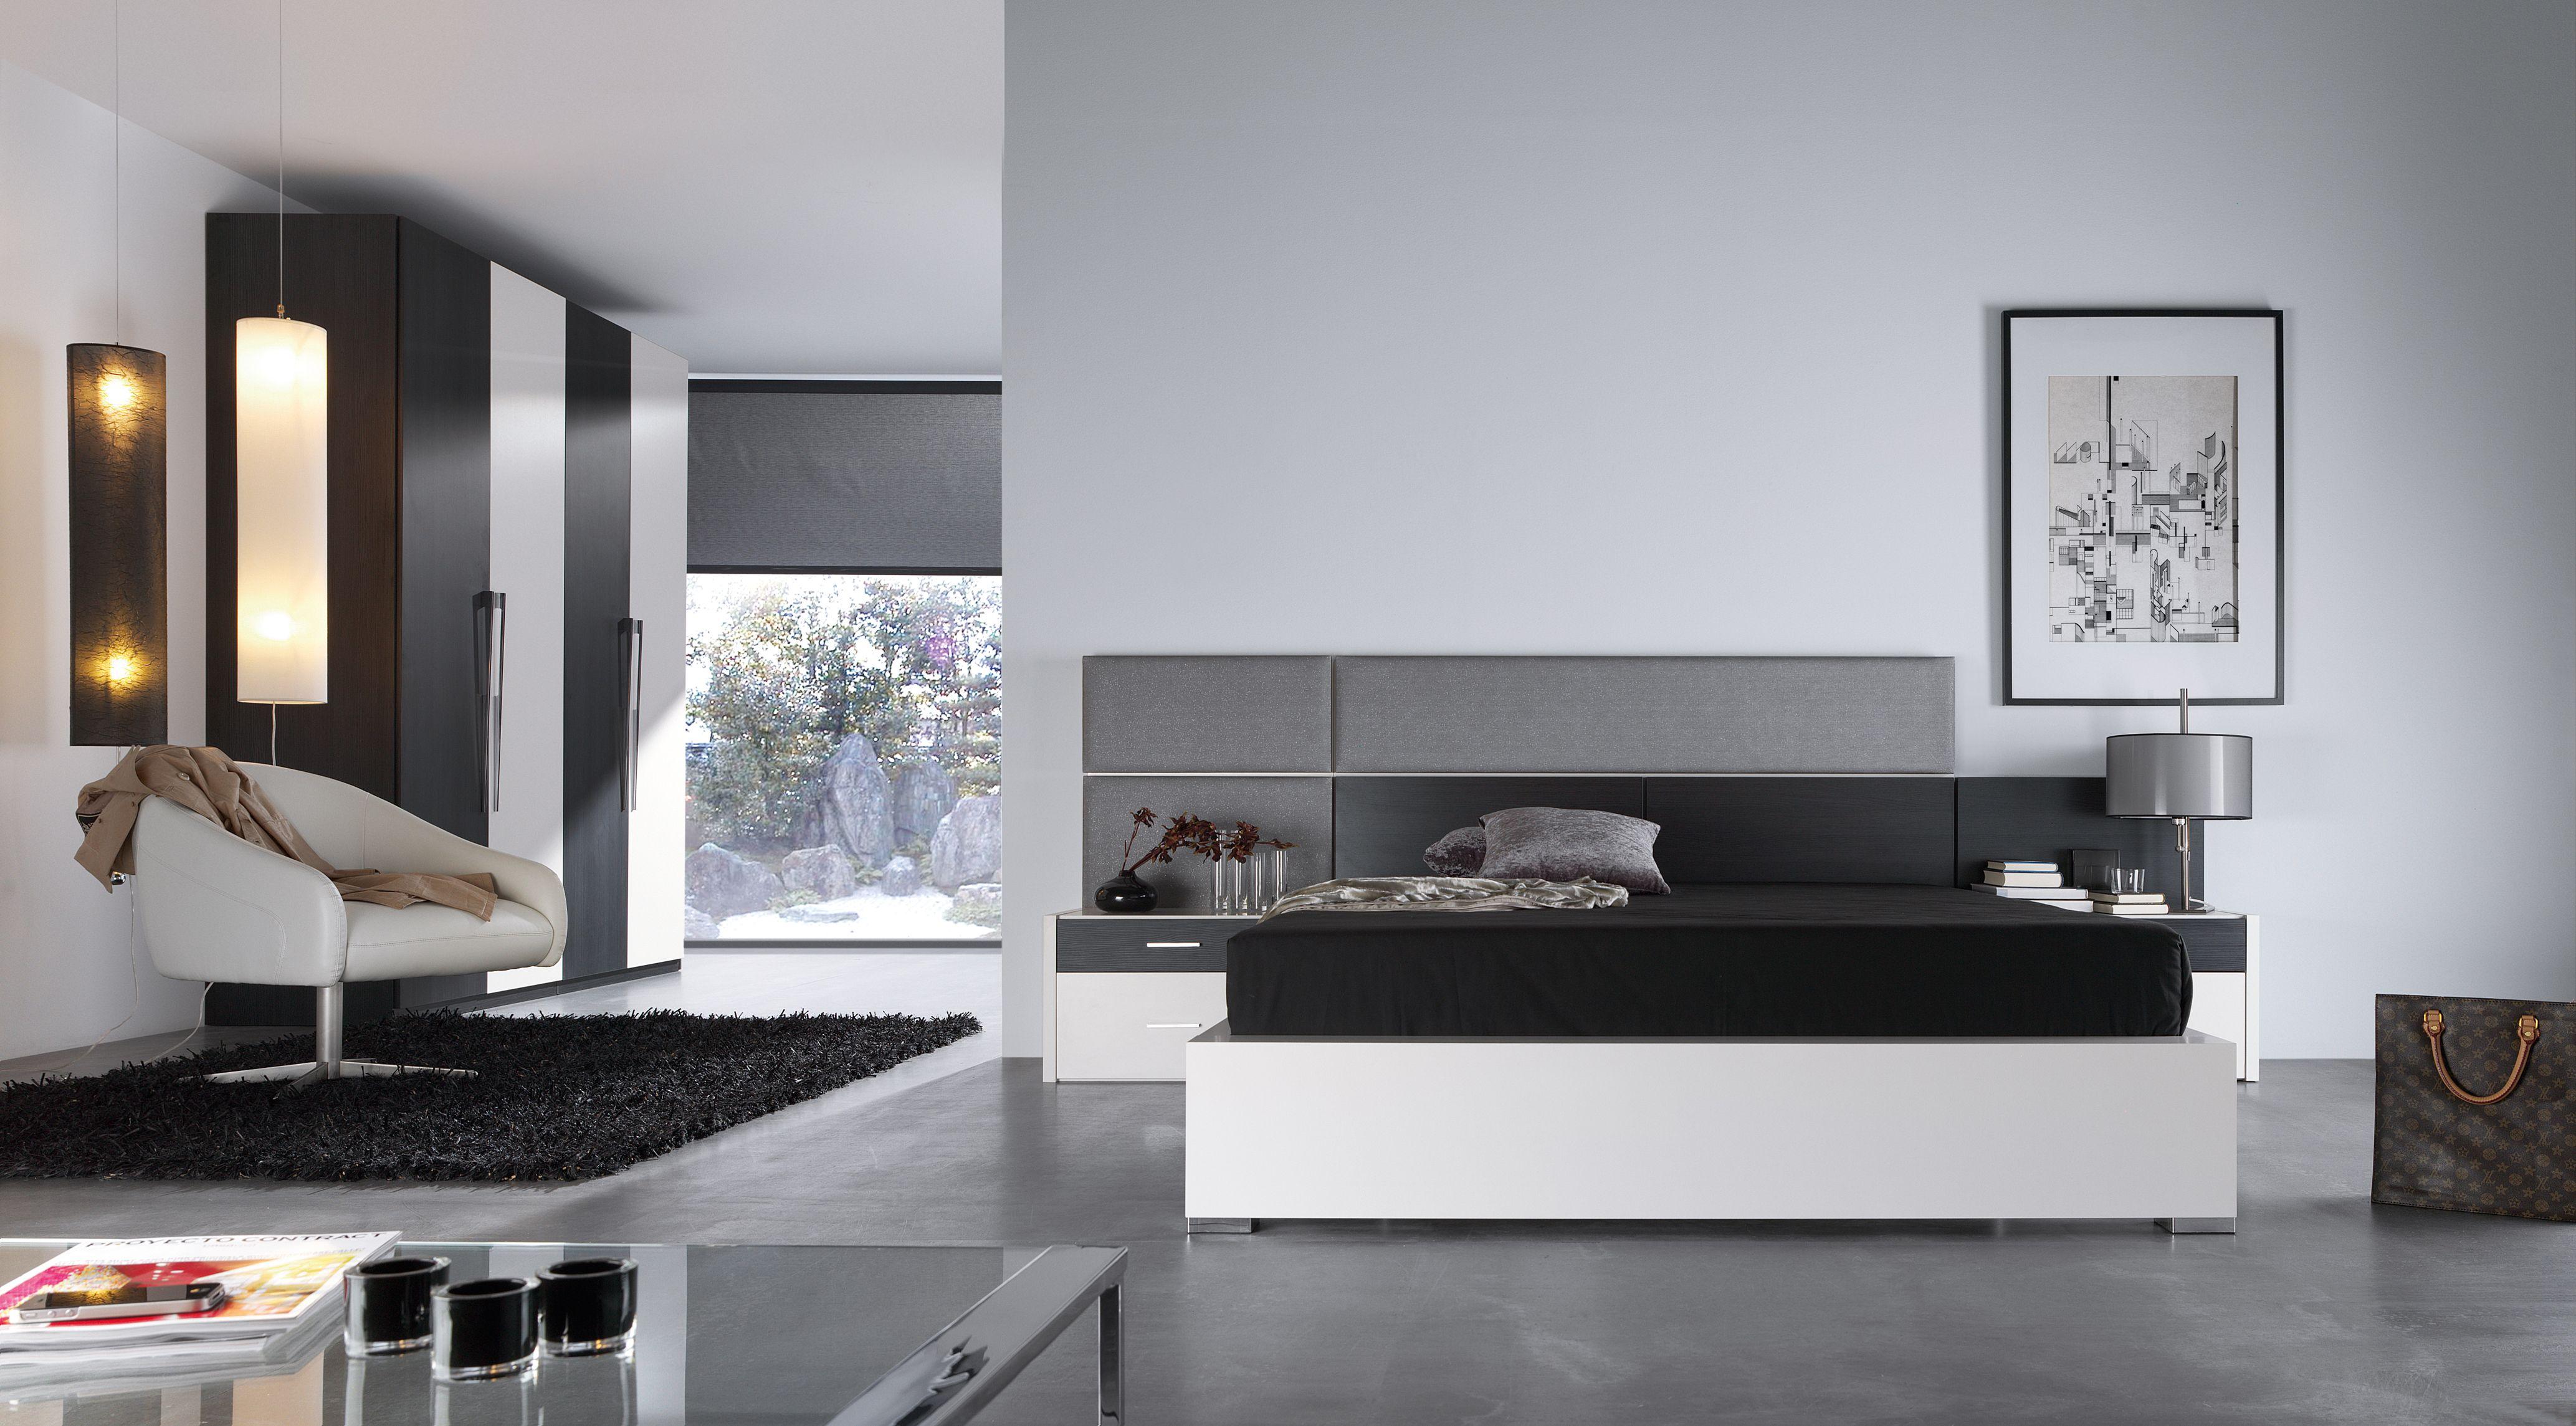 Dormitorio de matrimonio modelo abie habitaciones - Modelos de dormitorios ...